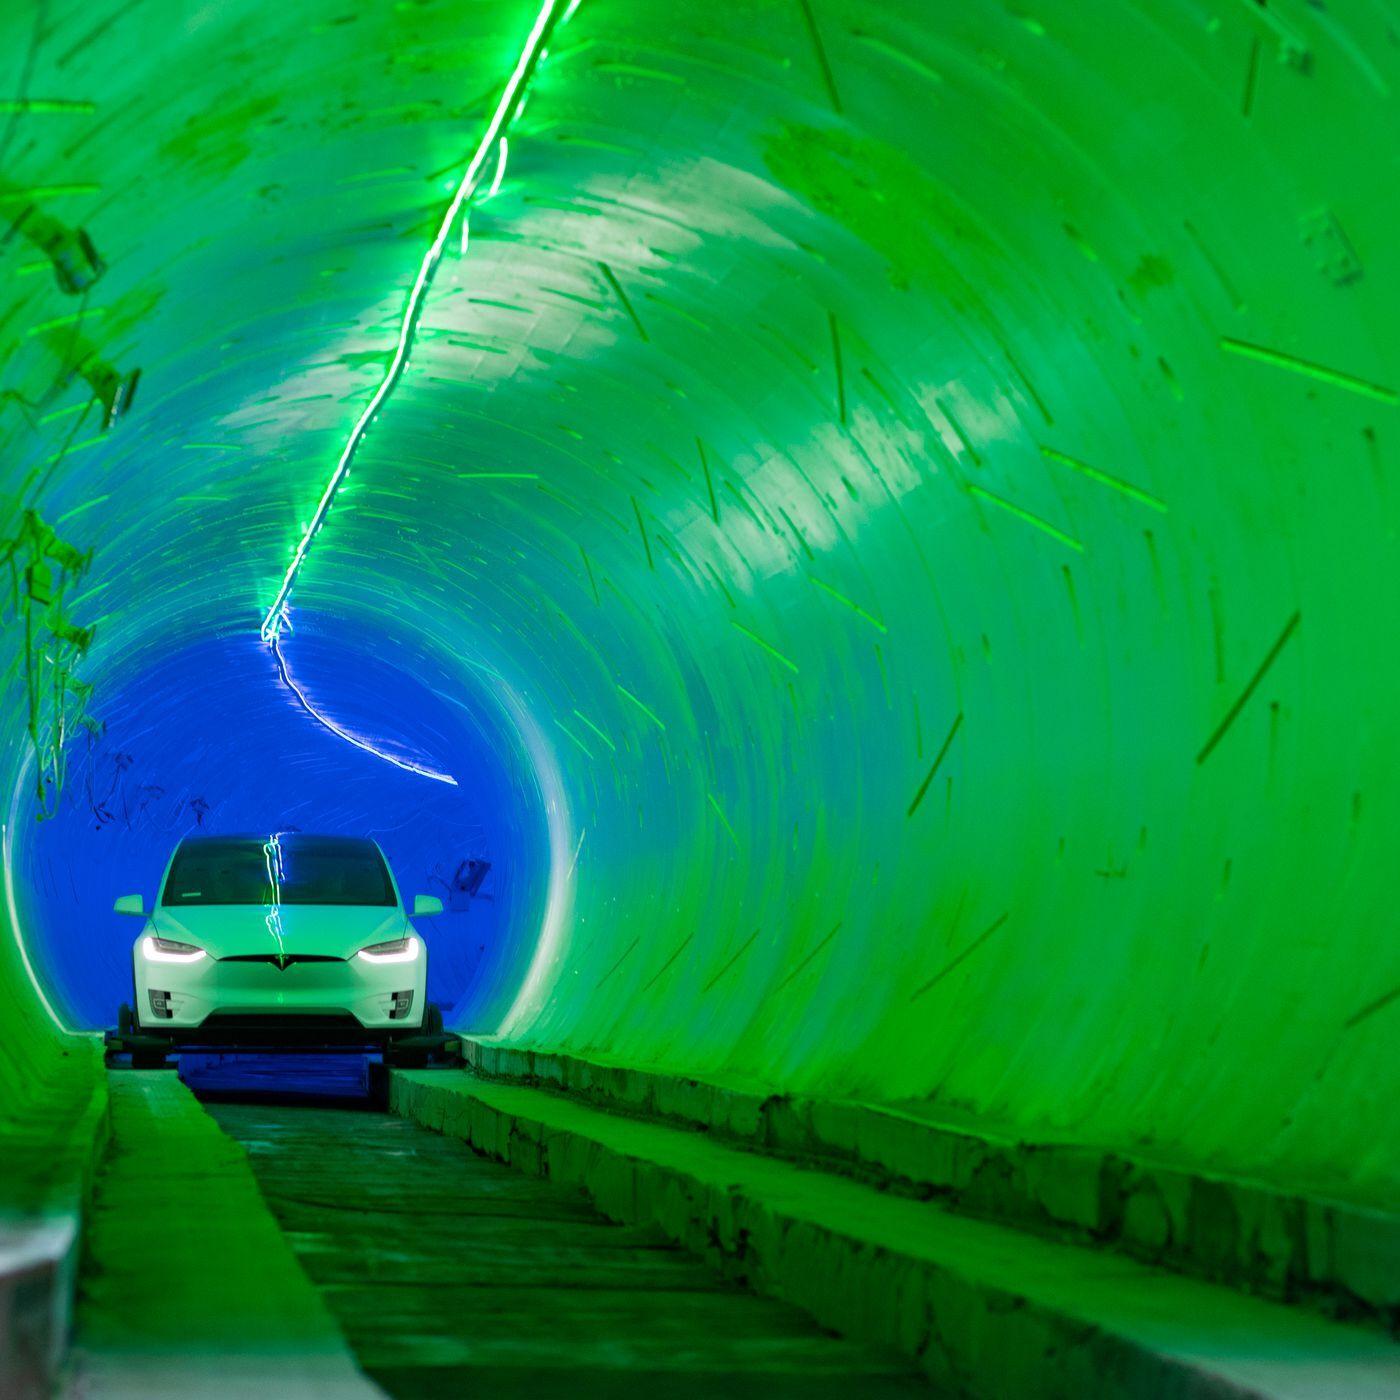 Илон Маск откроет транспортные тоннели вечеринкой в стиле Fallout